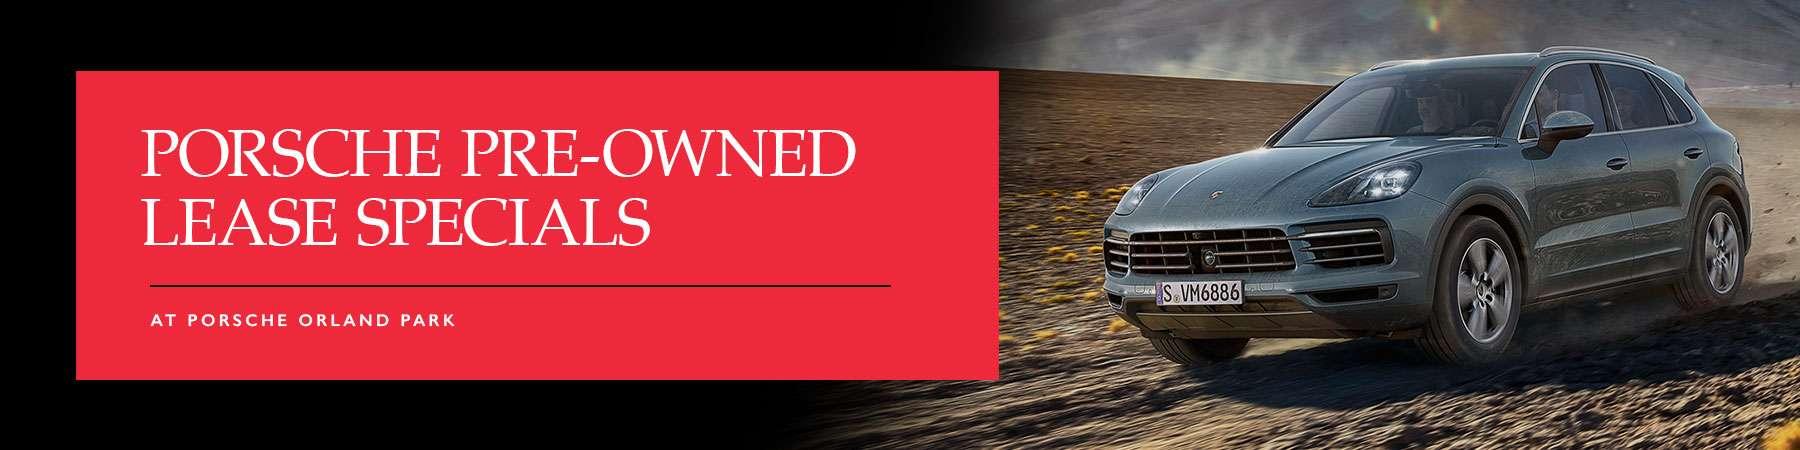 Joe Rizza Porsche Used Lease Specials Chicago, IL